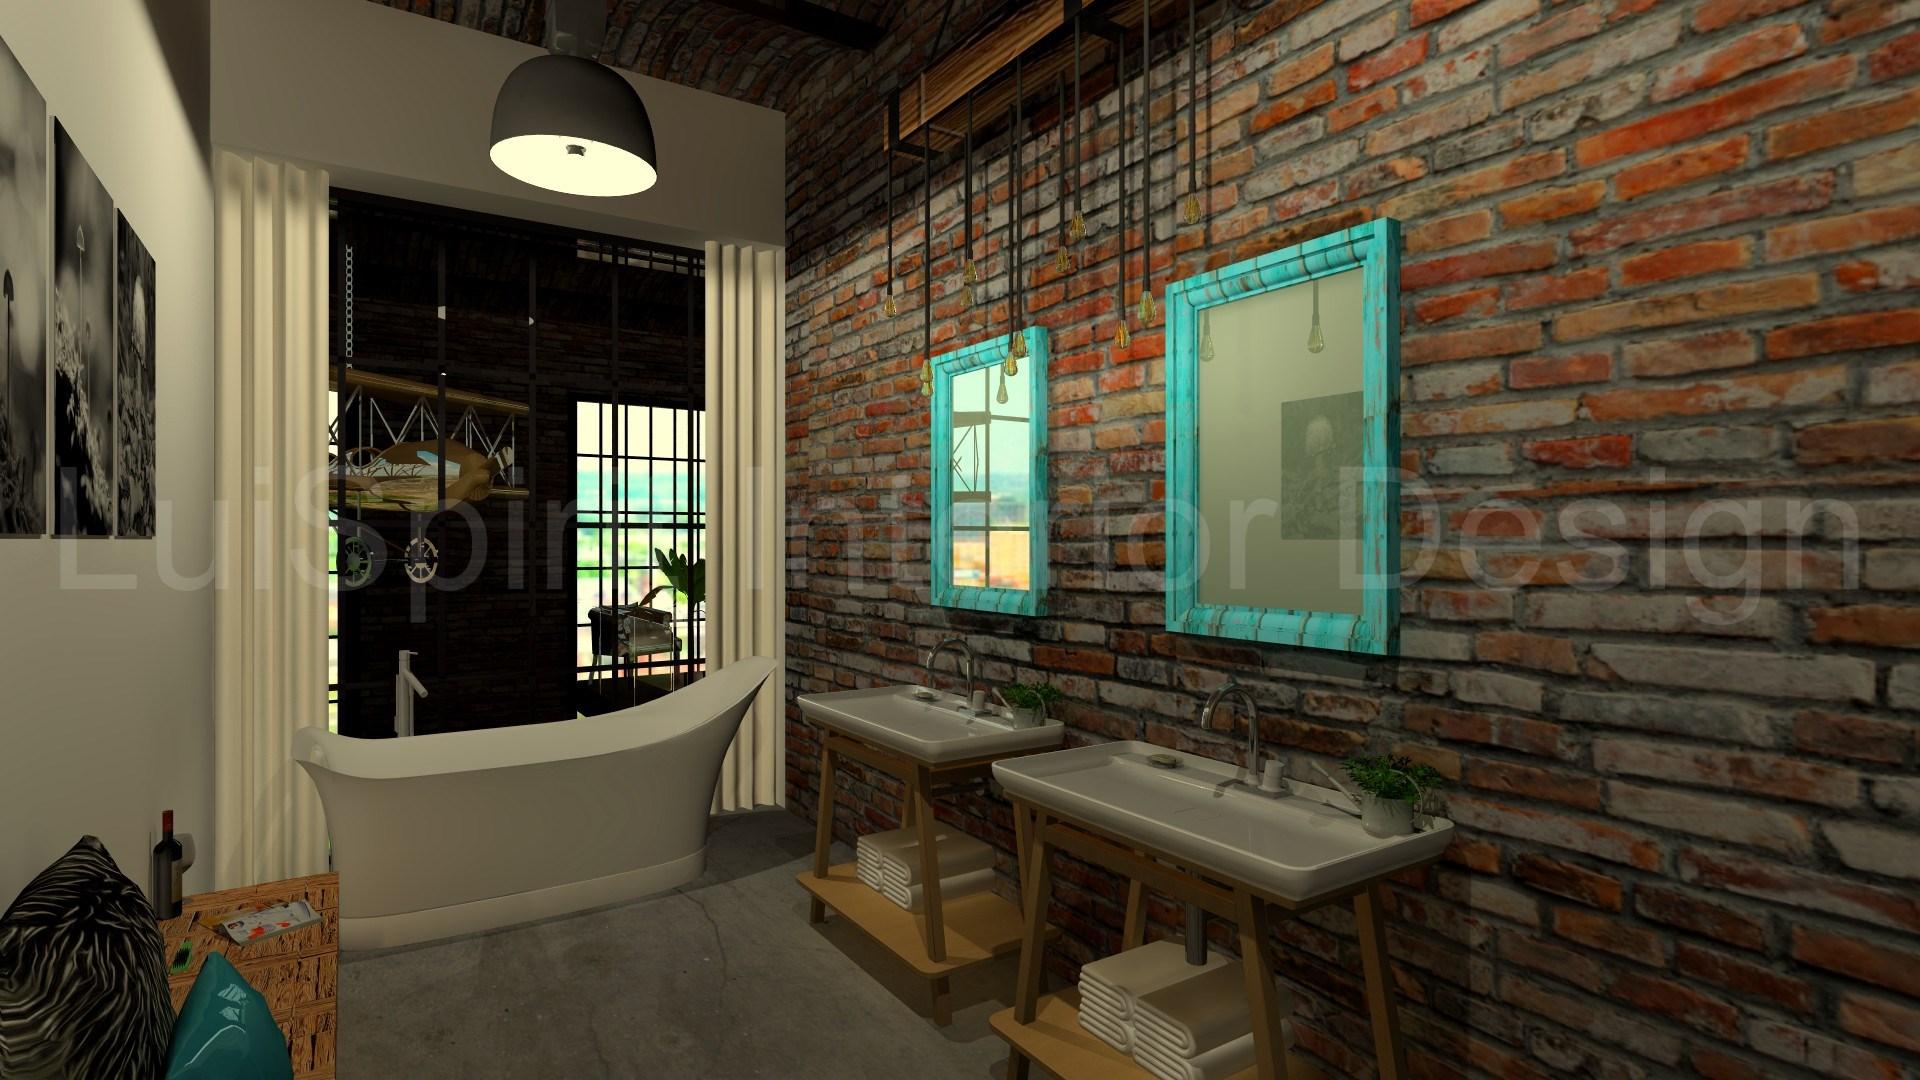 LOFT-HON fürdő mosdók, háttérben a fürdőkáddal